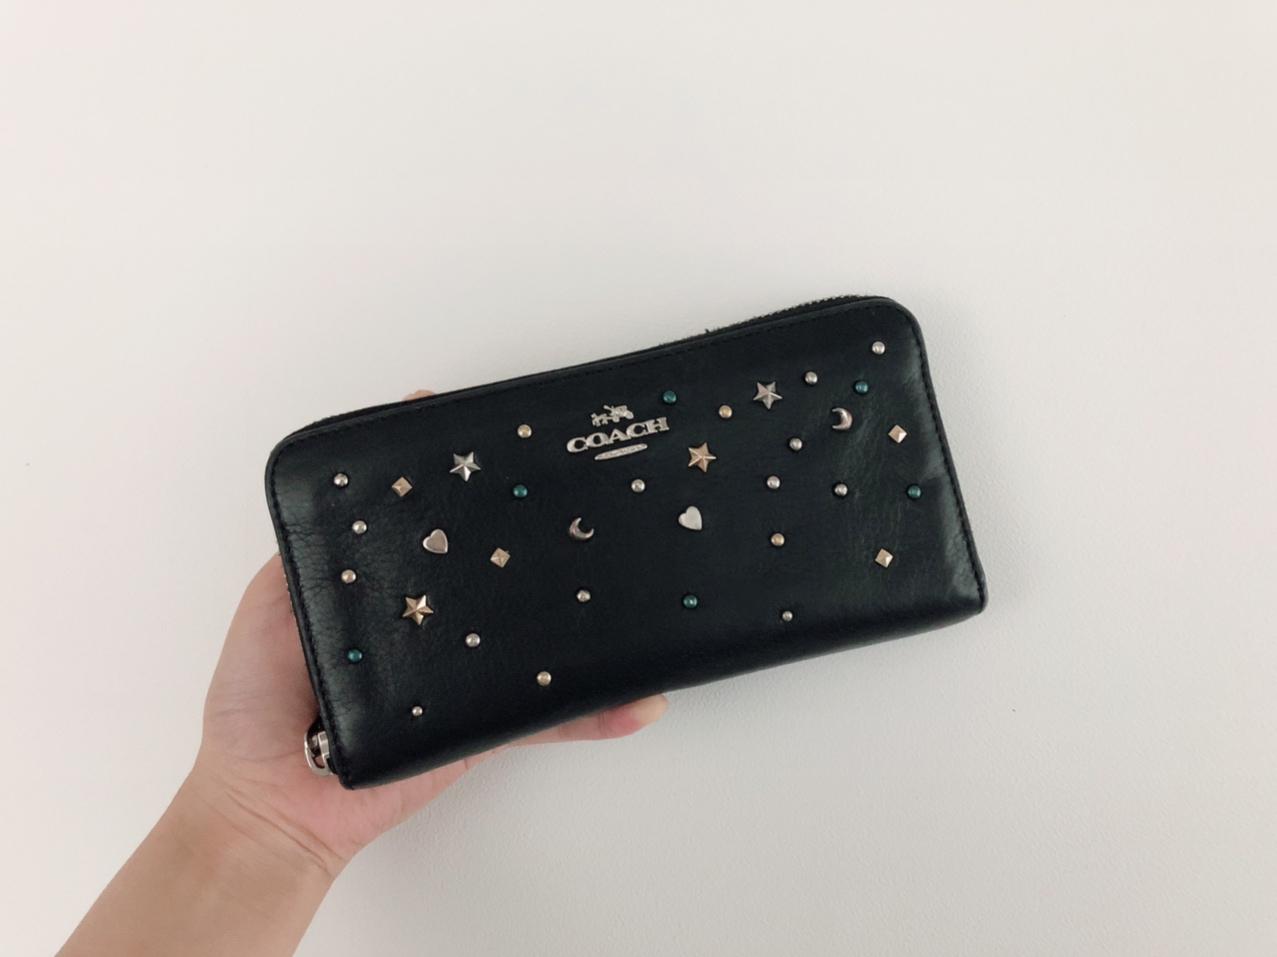 【20代女子の愛用財布】《COACH》派手すぎない星空みたいなキラキラスタッズがお気に入り˚✧₊バッグもお揃いで使用しています♩_3